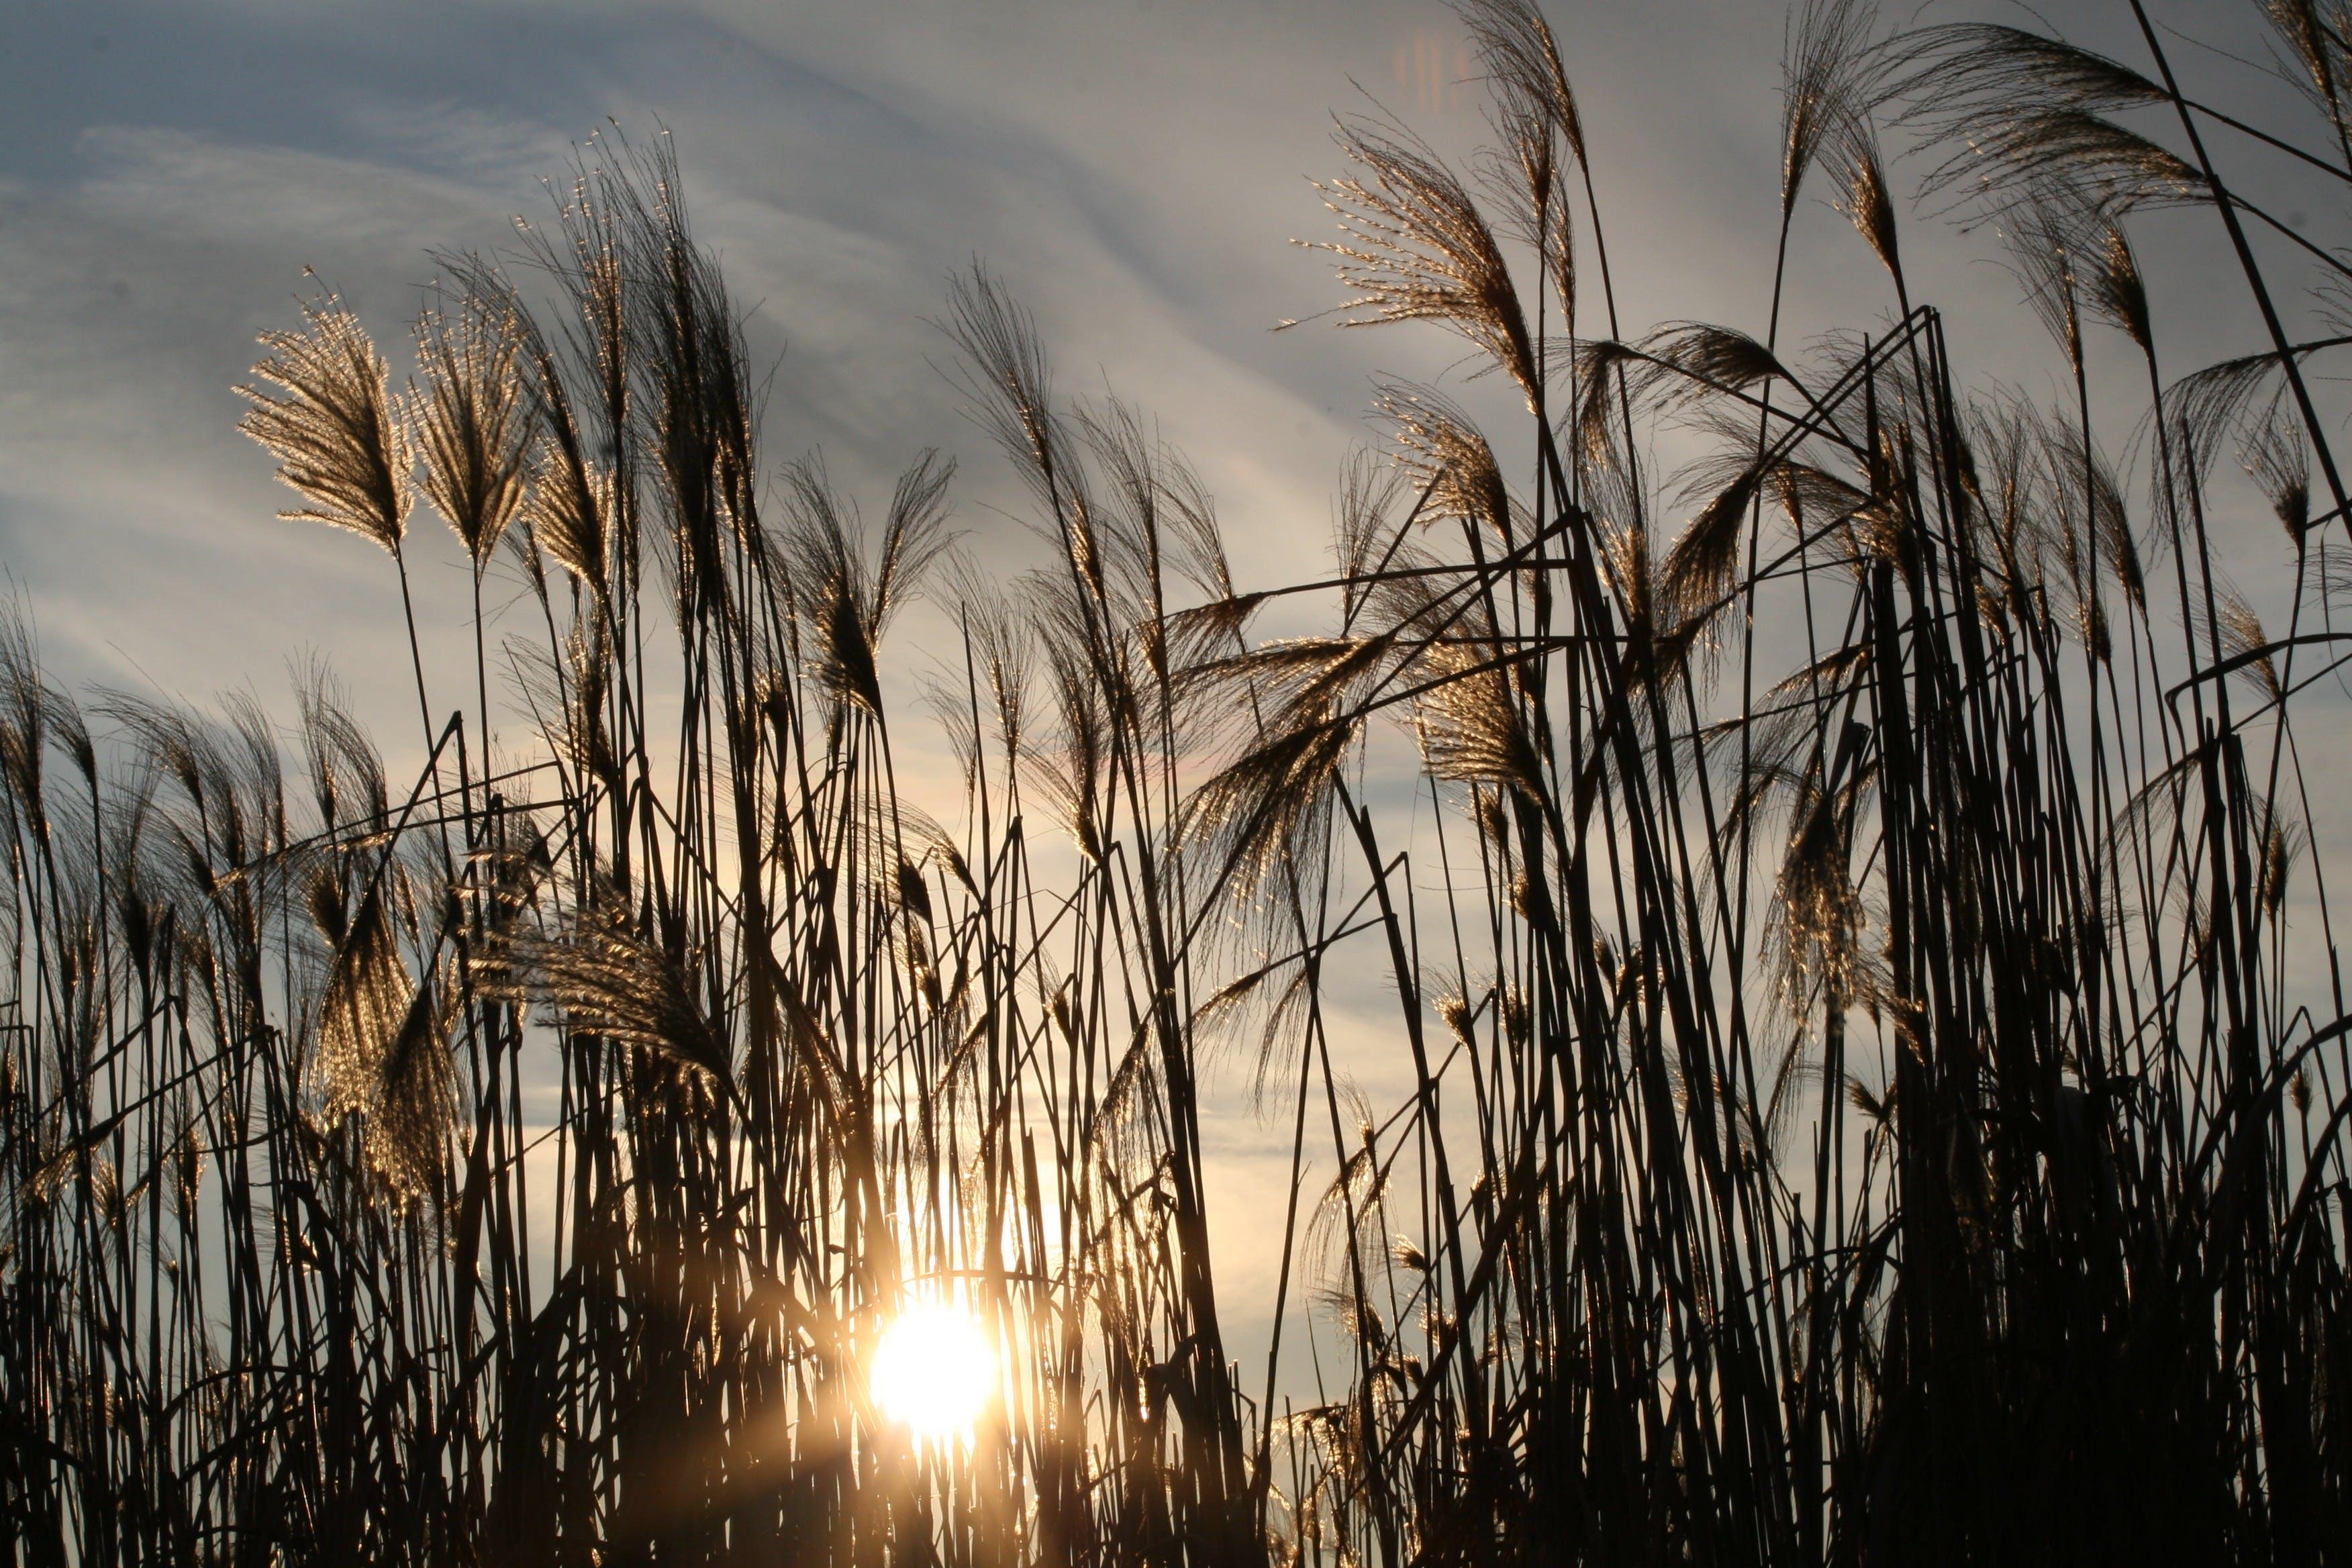 Kostenloses Stock Foto zu gras, grasfläche, himmel, natur